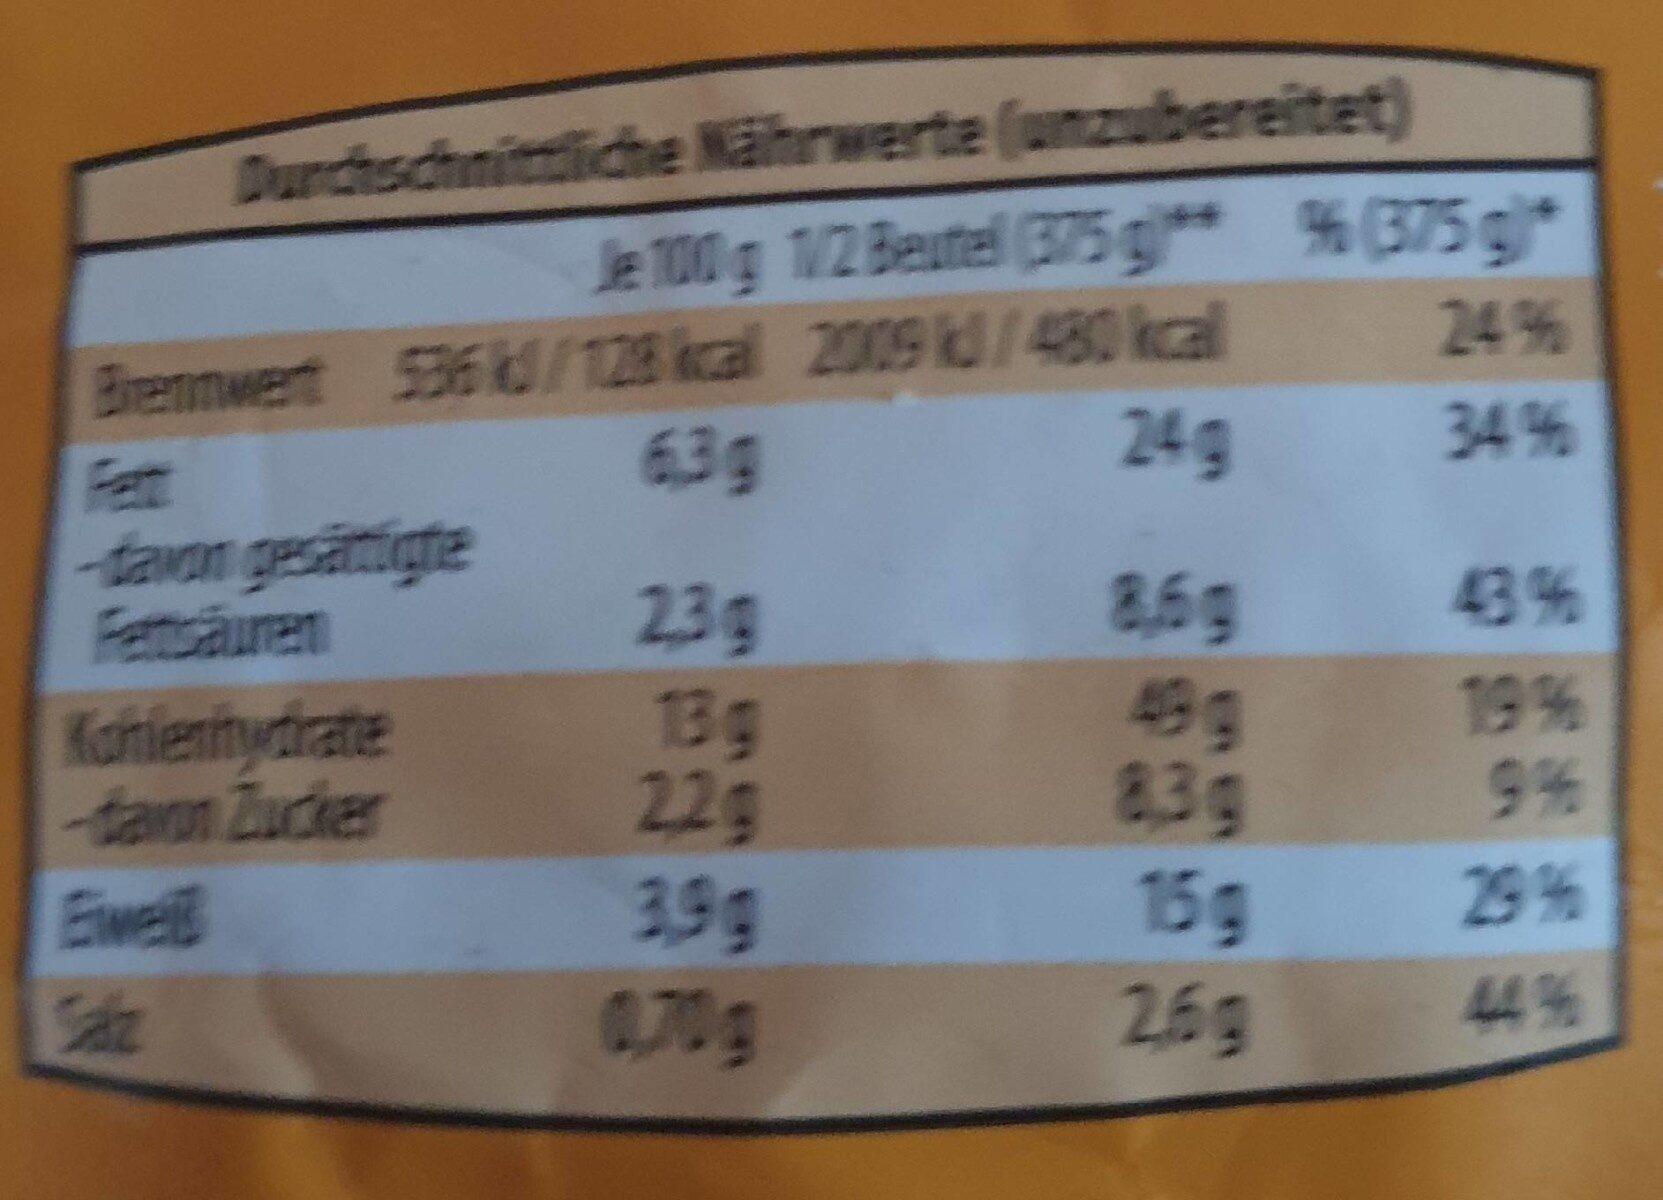 Tortelloni Käse-Sahne - Informations nutritionnelles - de